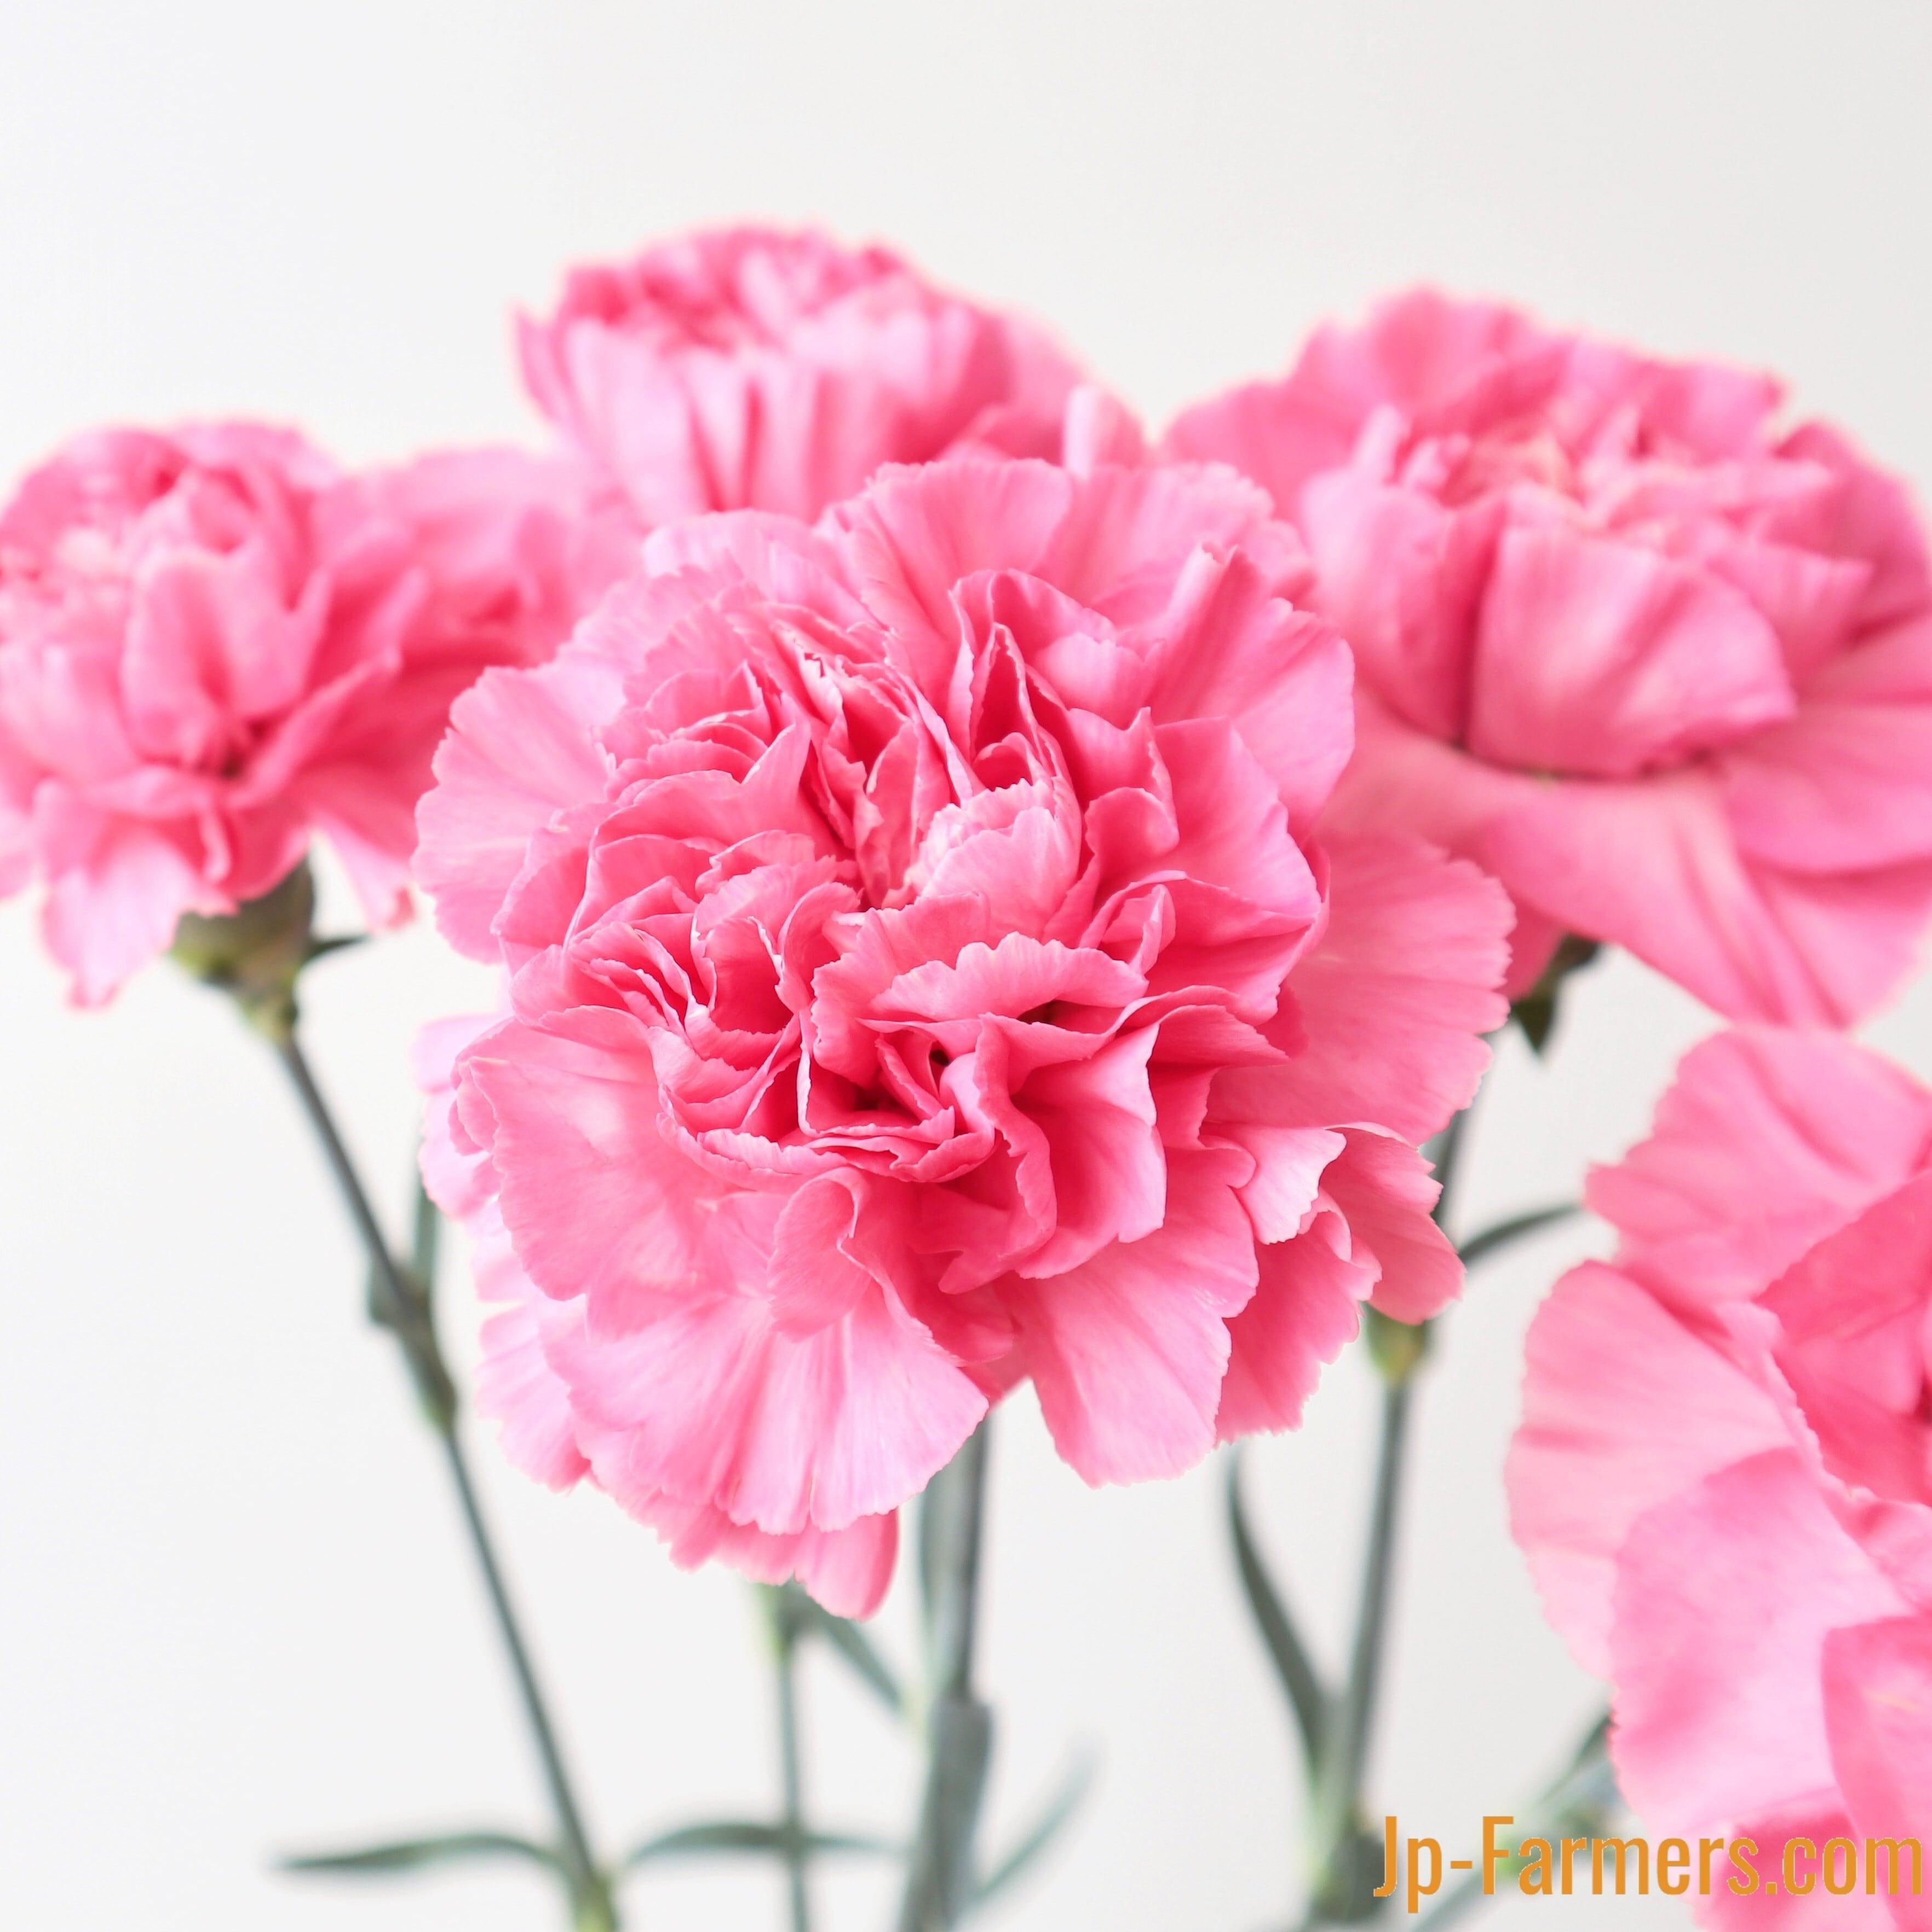 真鍋農園 カーネーション『フェミニンミナミ』優しいピンク